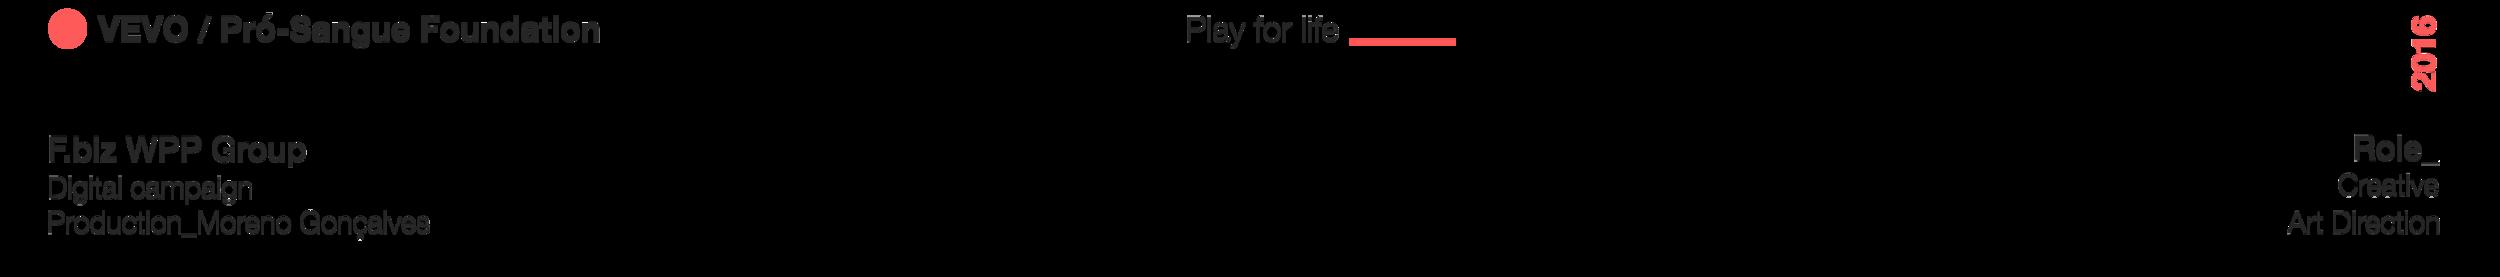 playforlife_base.png